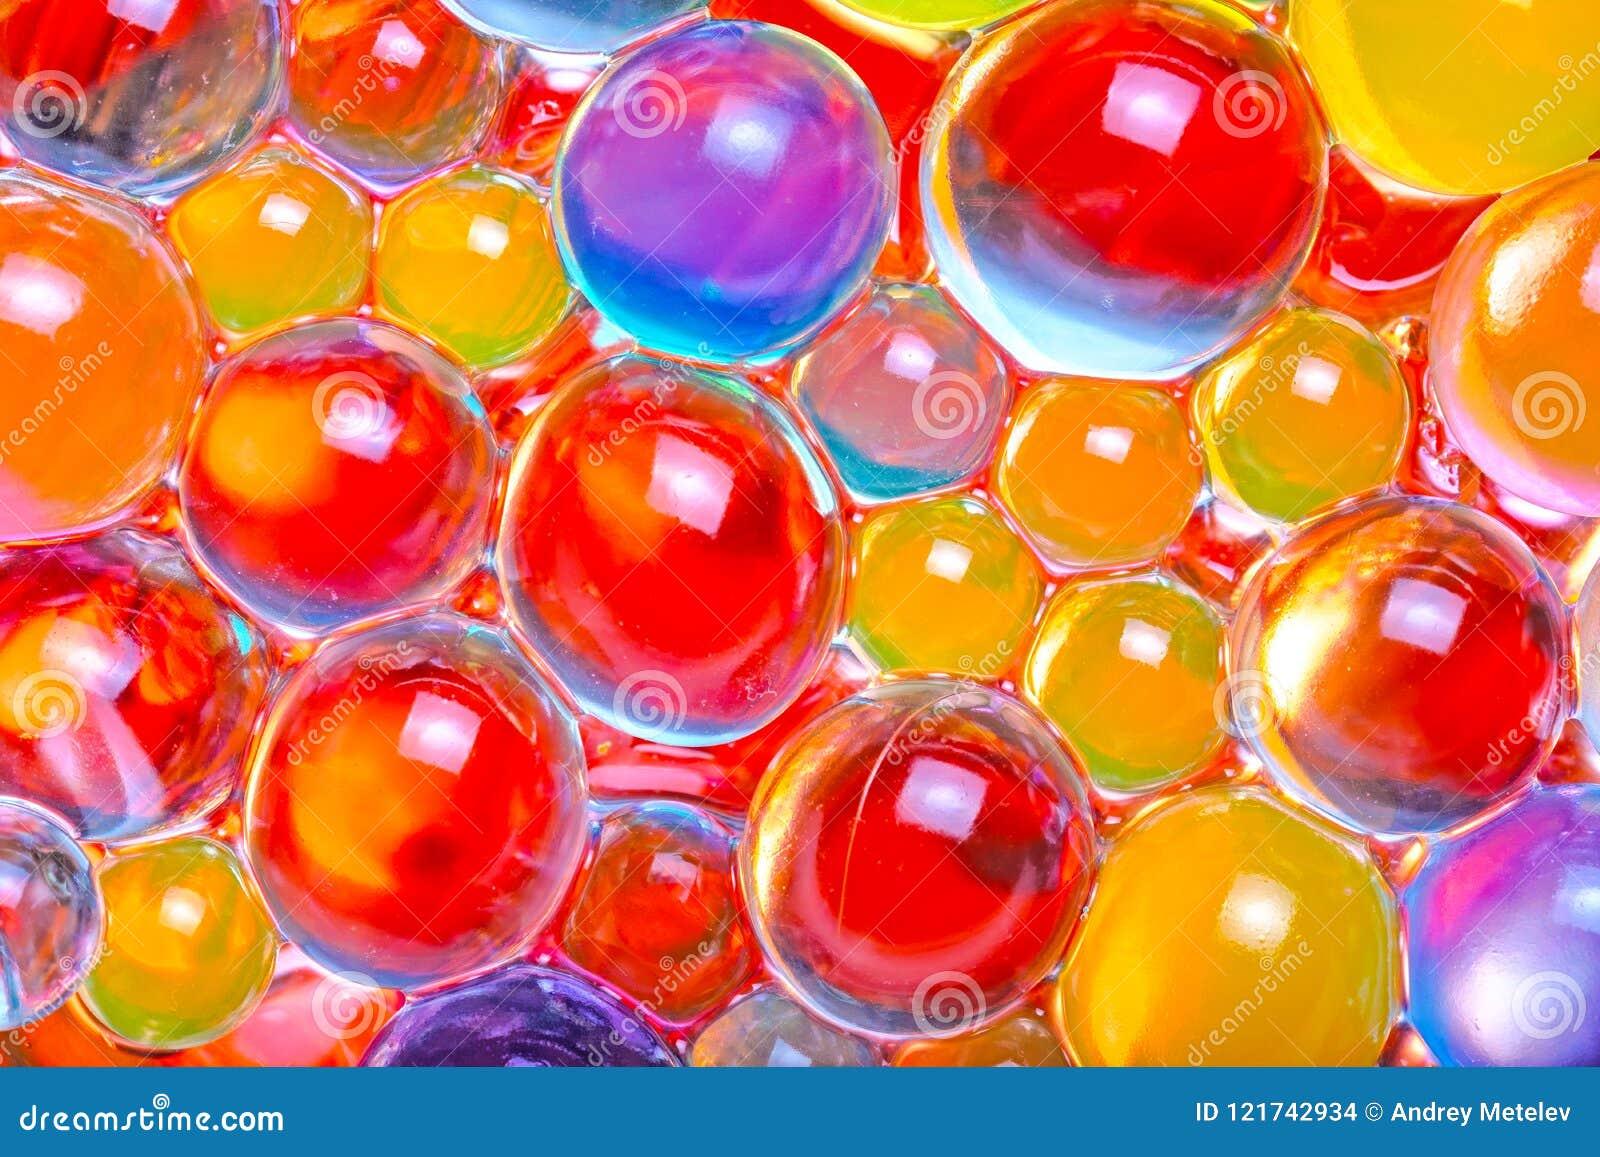 Närbild av mång--färgade hydrogelpärlor